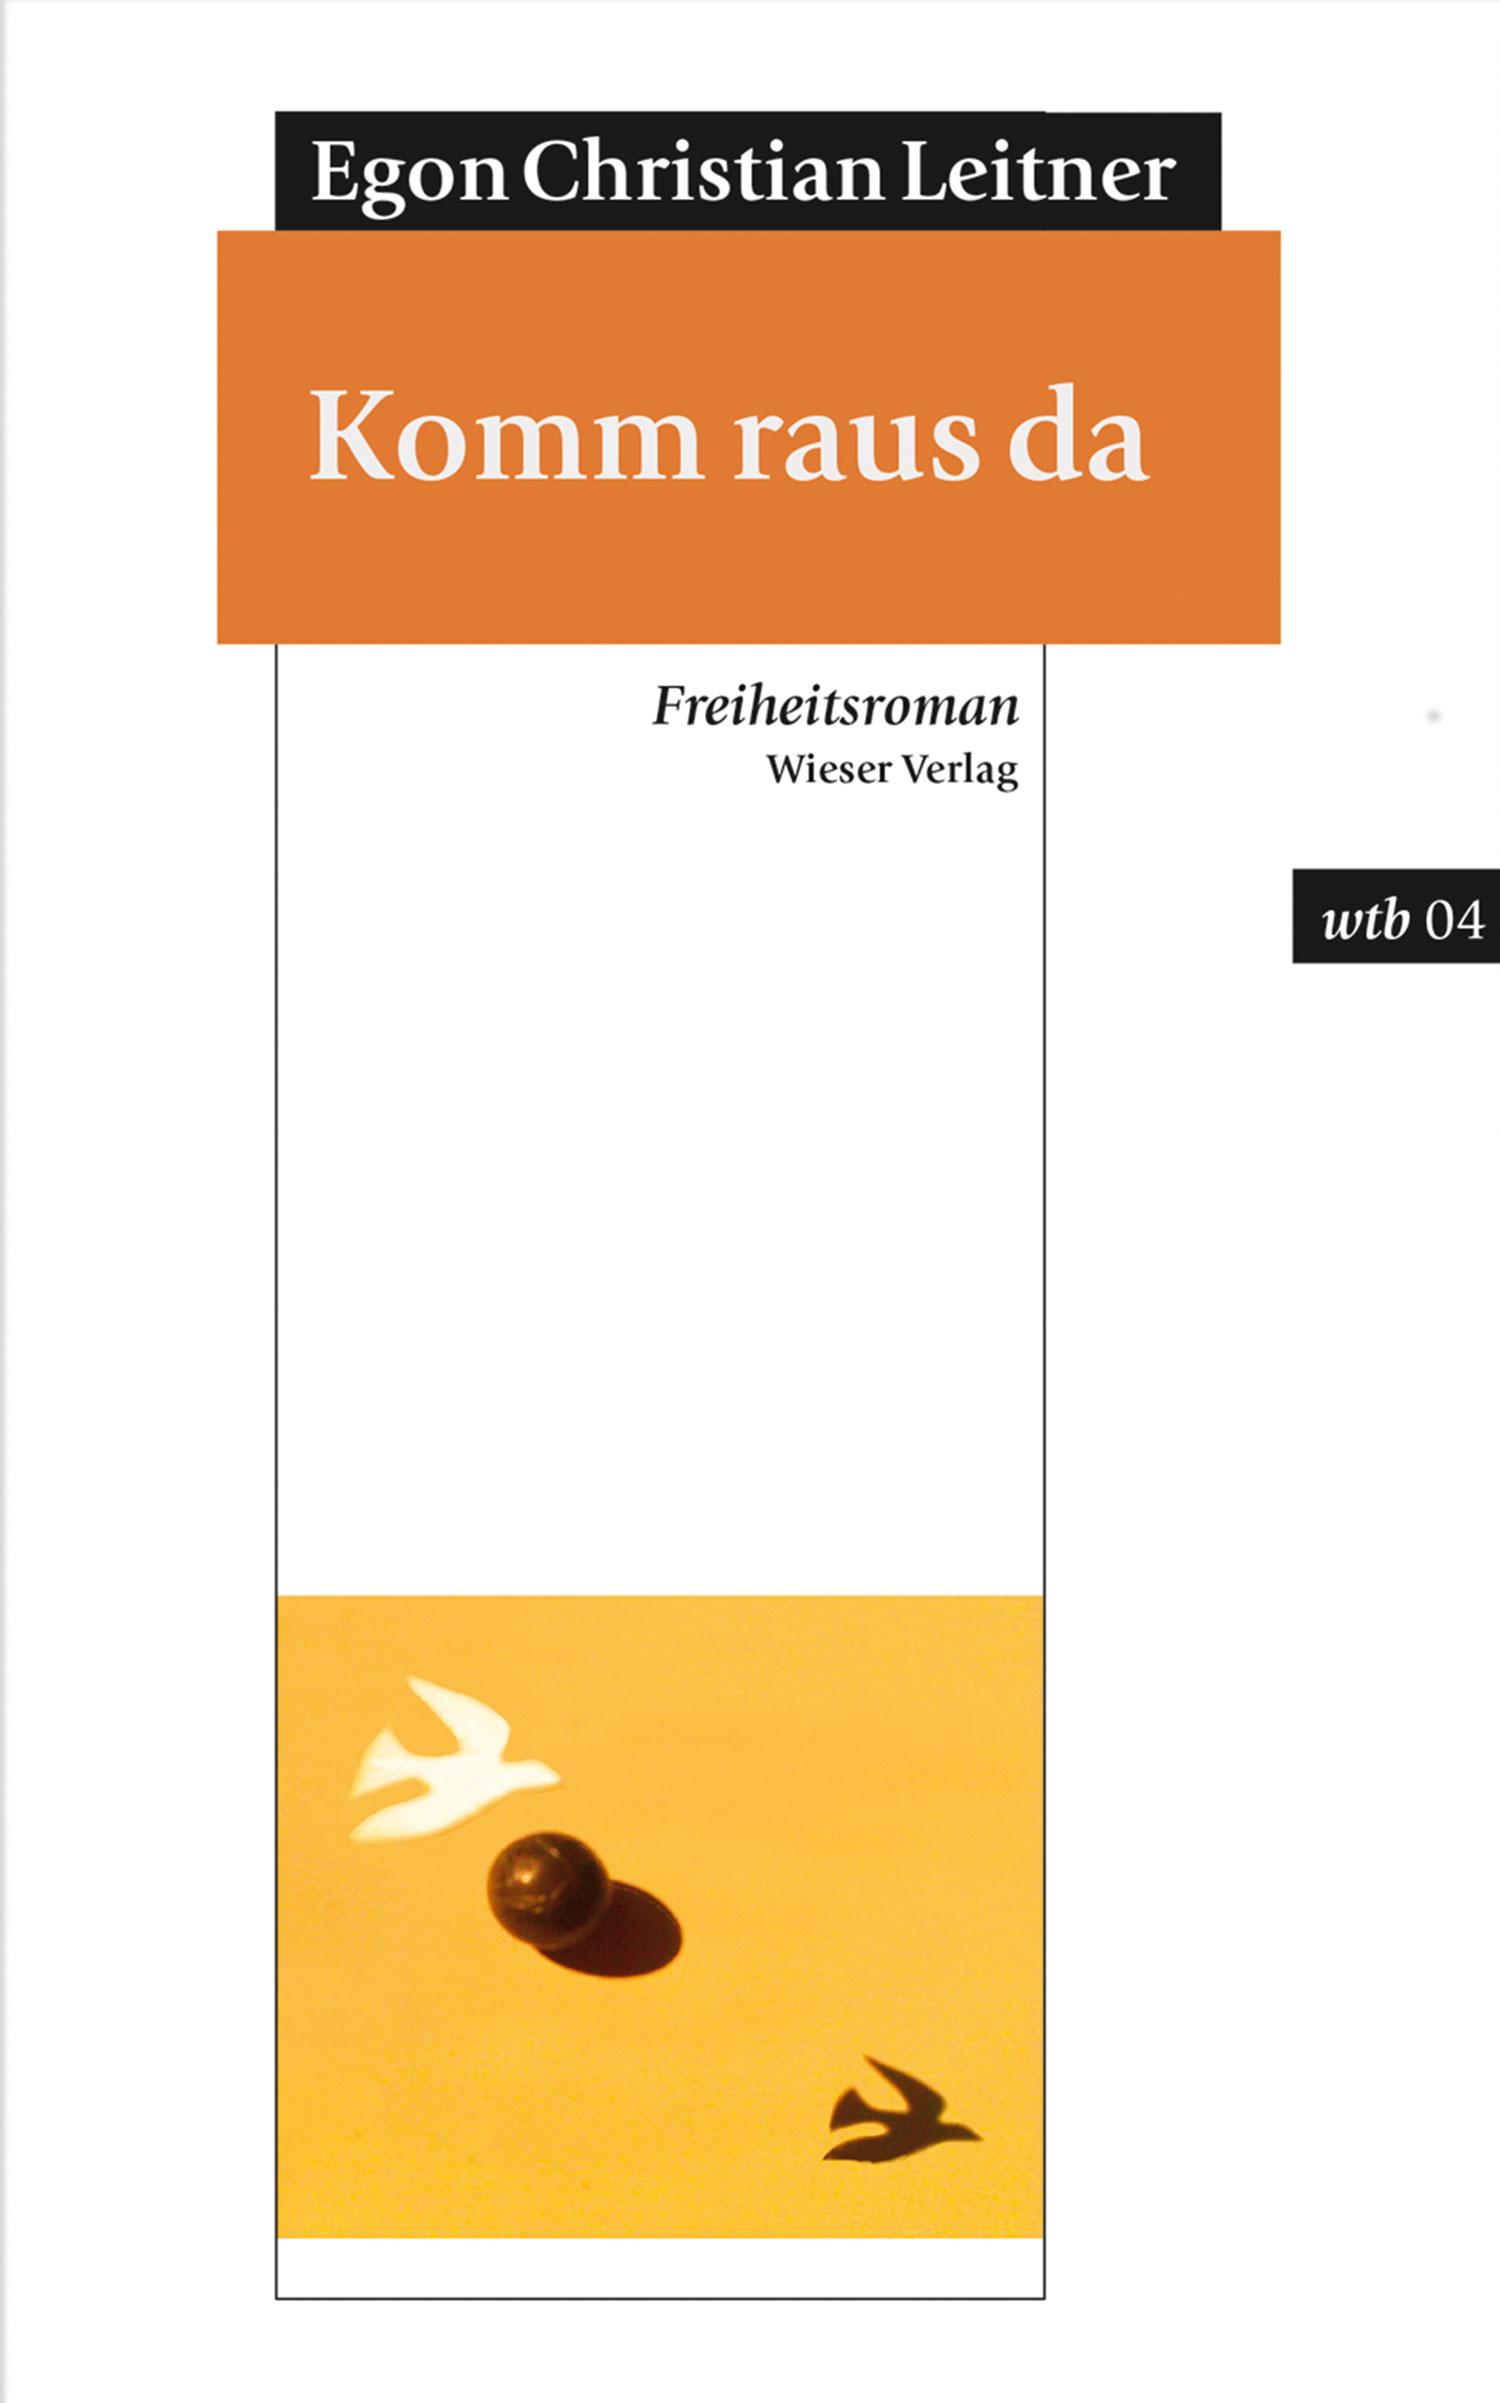 http://www.wieser-verlag.com/wp-content/uploads/2013/12/9783990291023.jpg